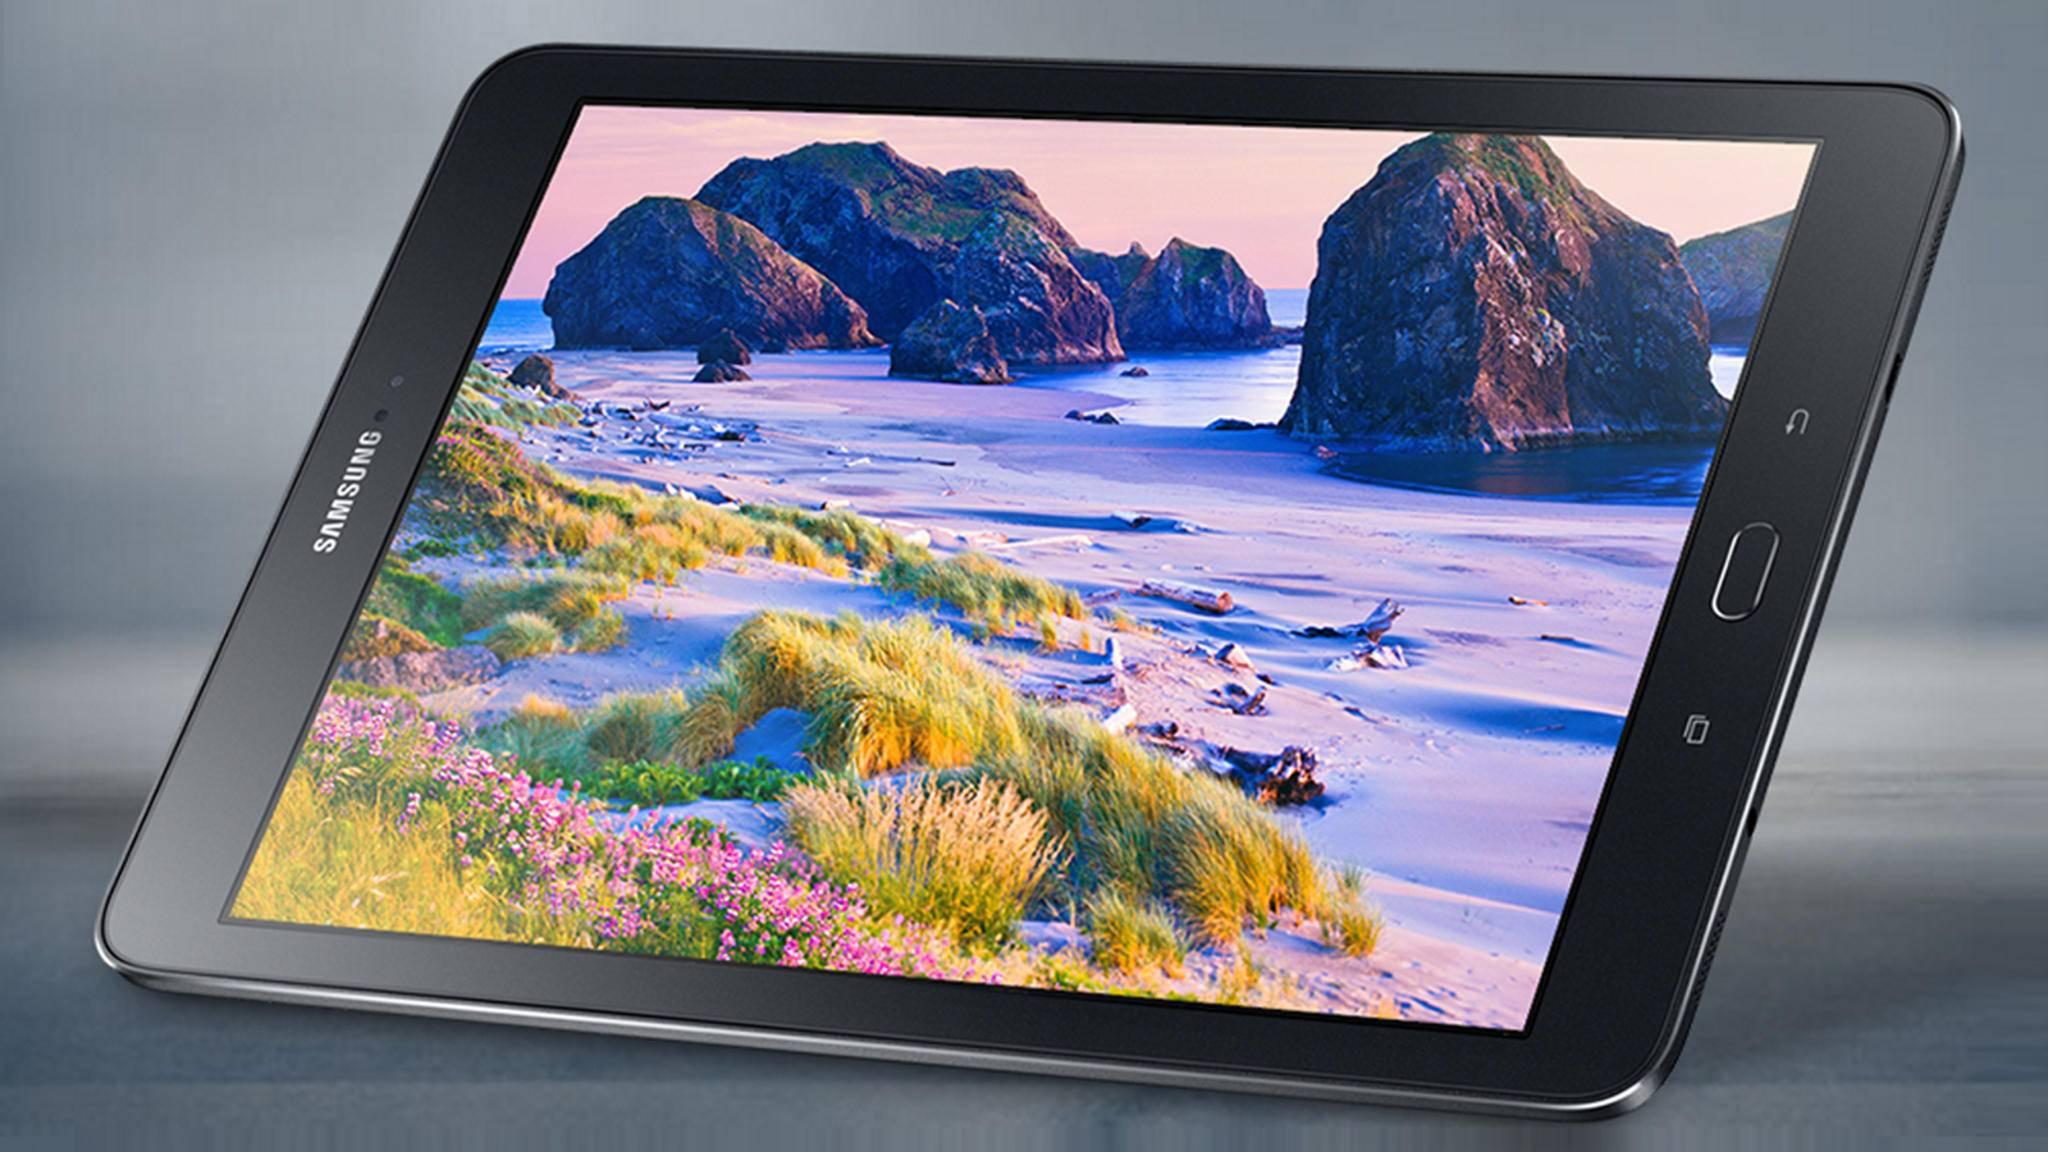 Anders als das Tab S2 soll das Galaxy Tab S3 den S Pen unterstützen.